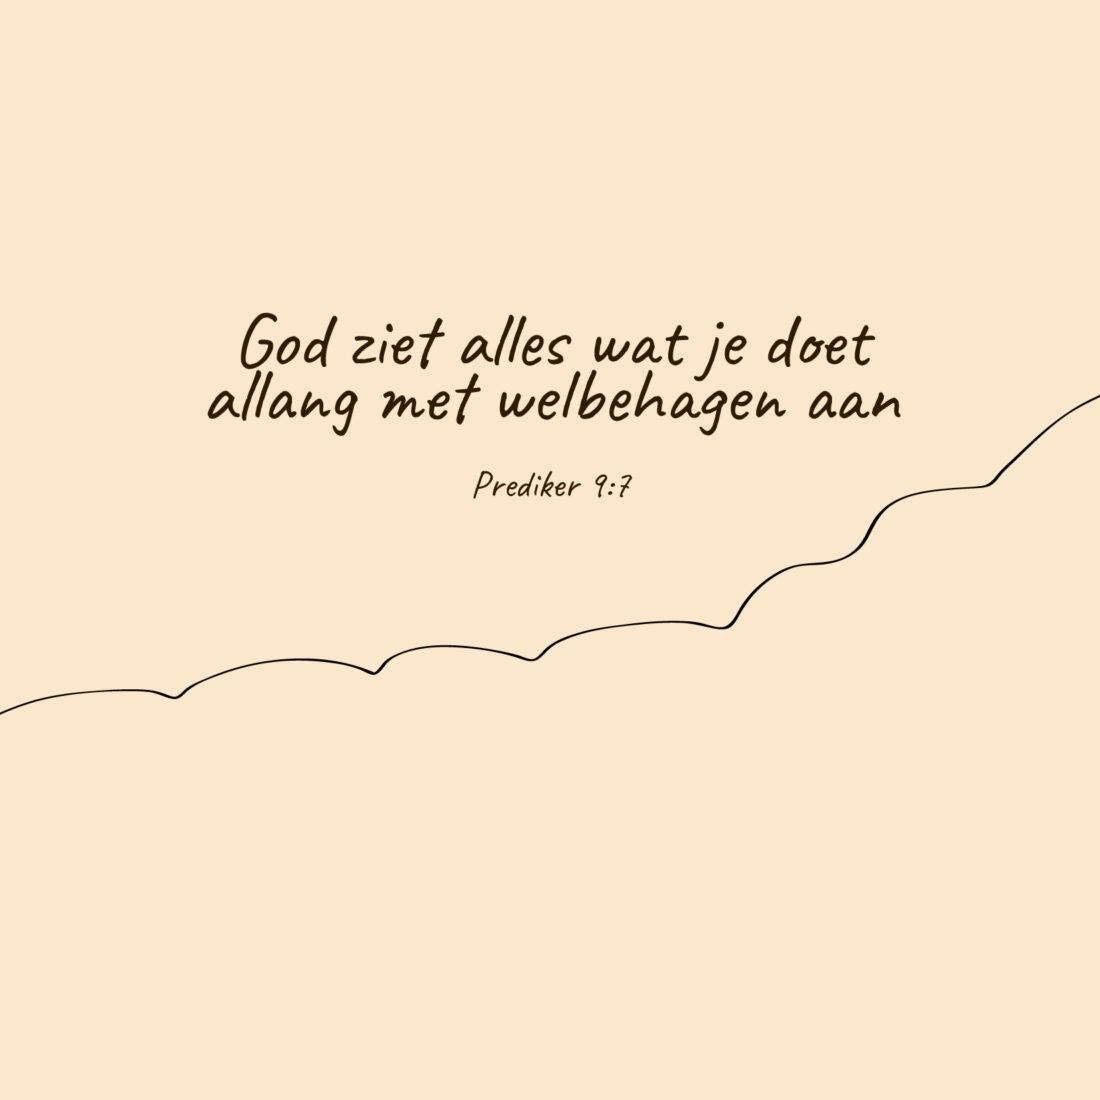 God ziet alles wat je doet allang met welbehagen aan